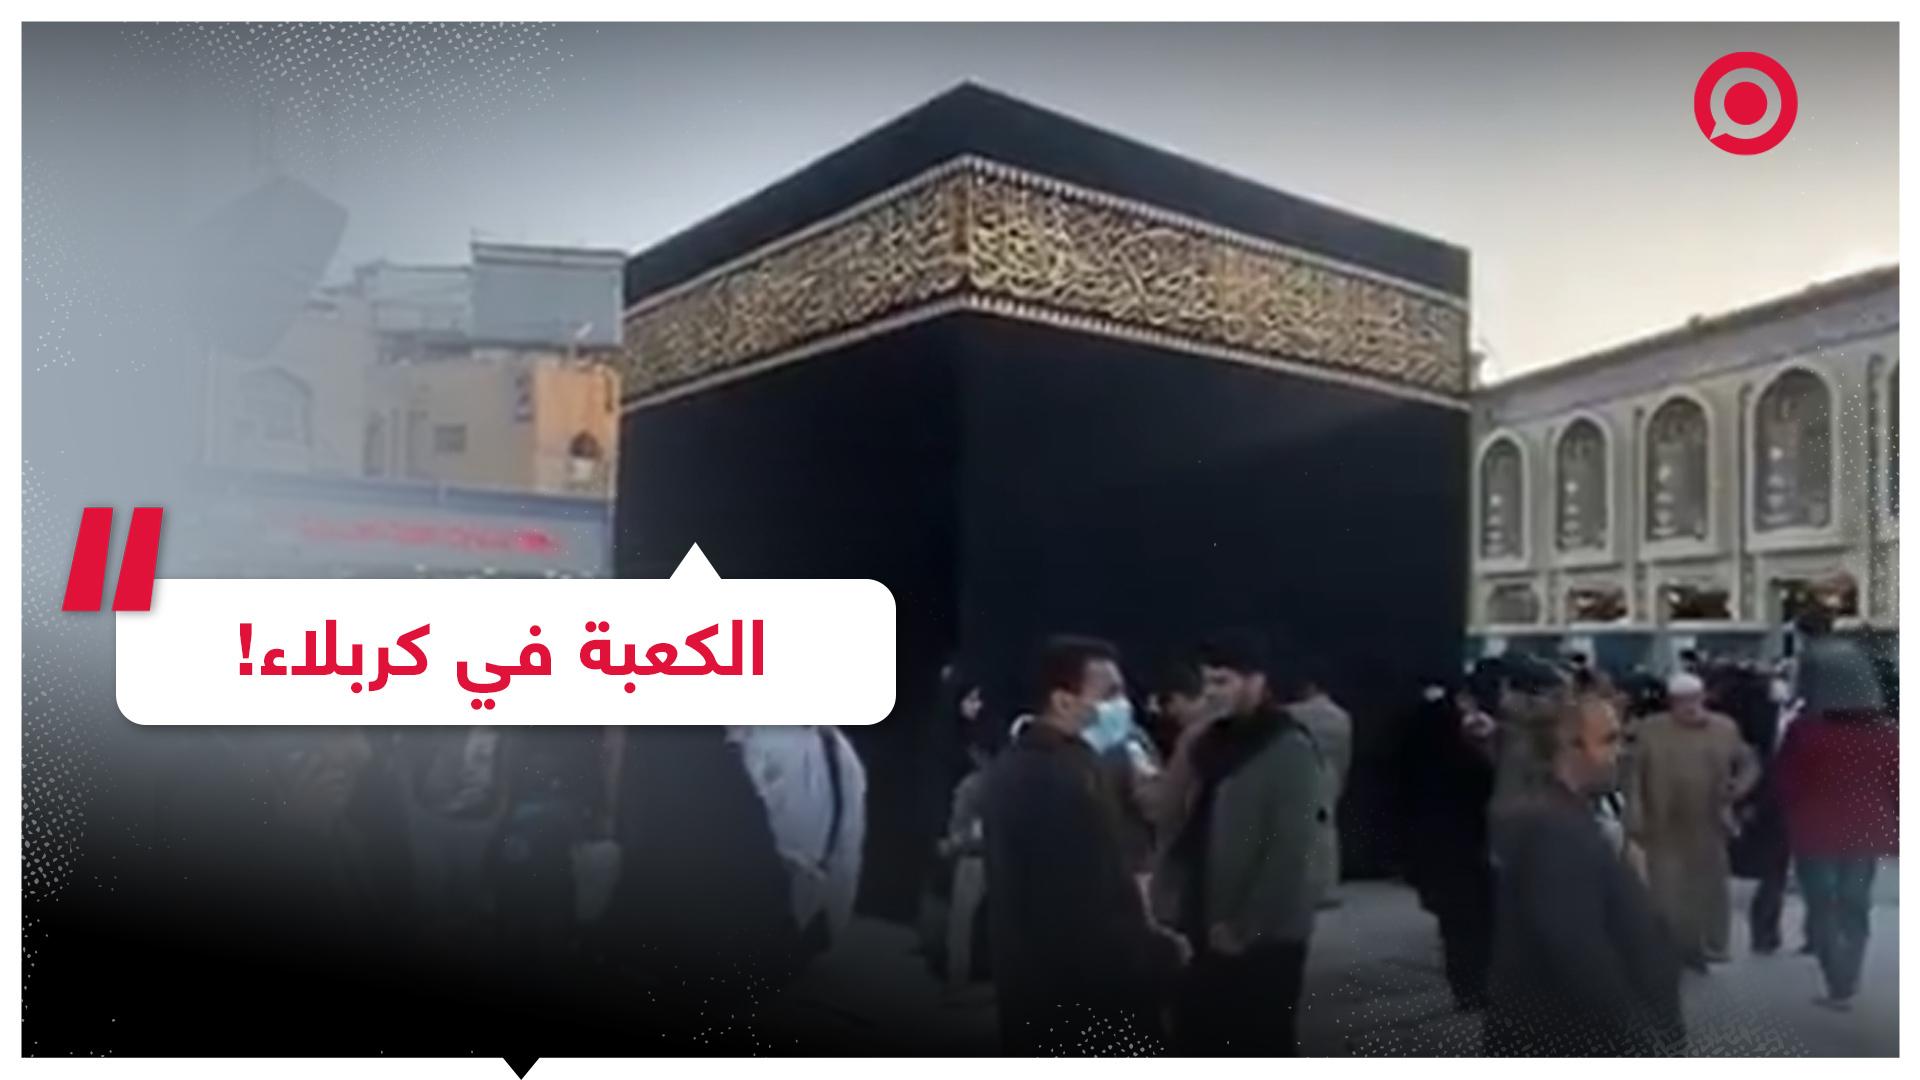 #الكعبة_المشرفة#إسلام#مسلمين#كربلاء#ضاحي_خلفان